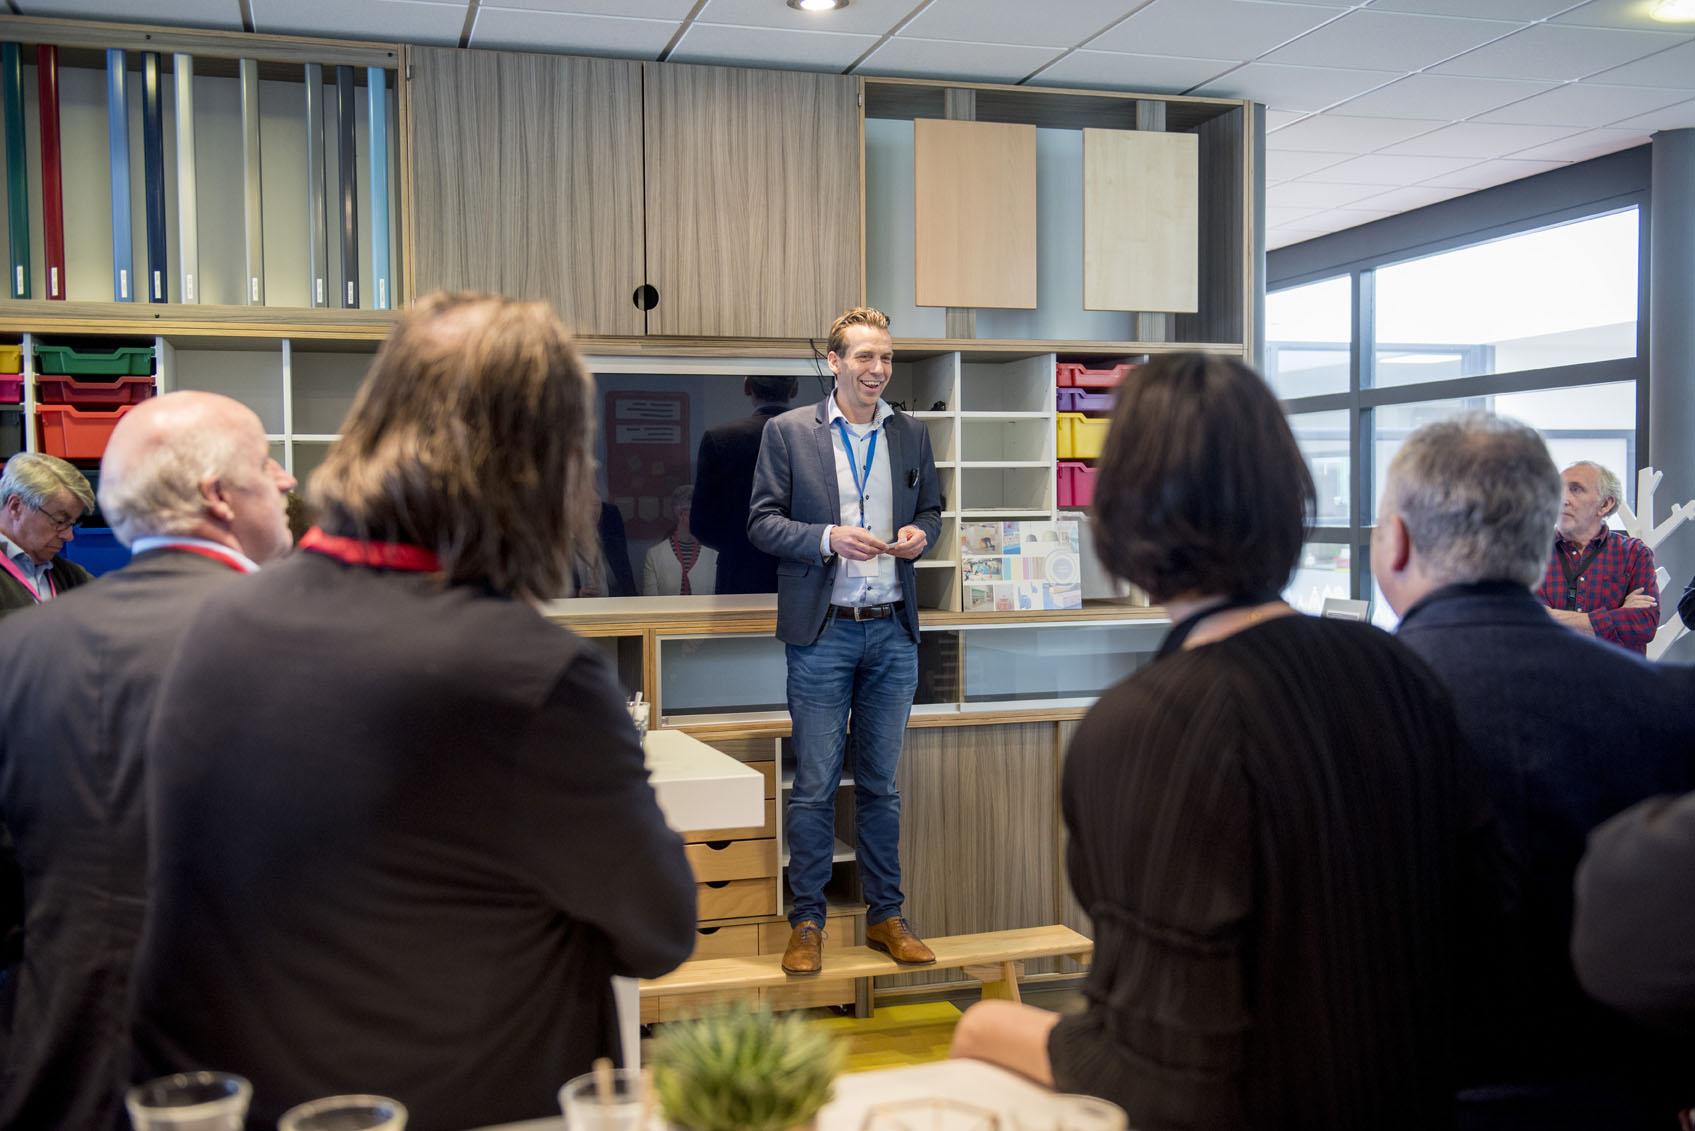 29-03-2018, IJsselstein, Fotografie t.b.v. het CBM. 'CBM inspirerend event' foto Bram Petraeus